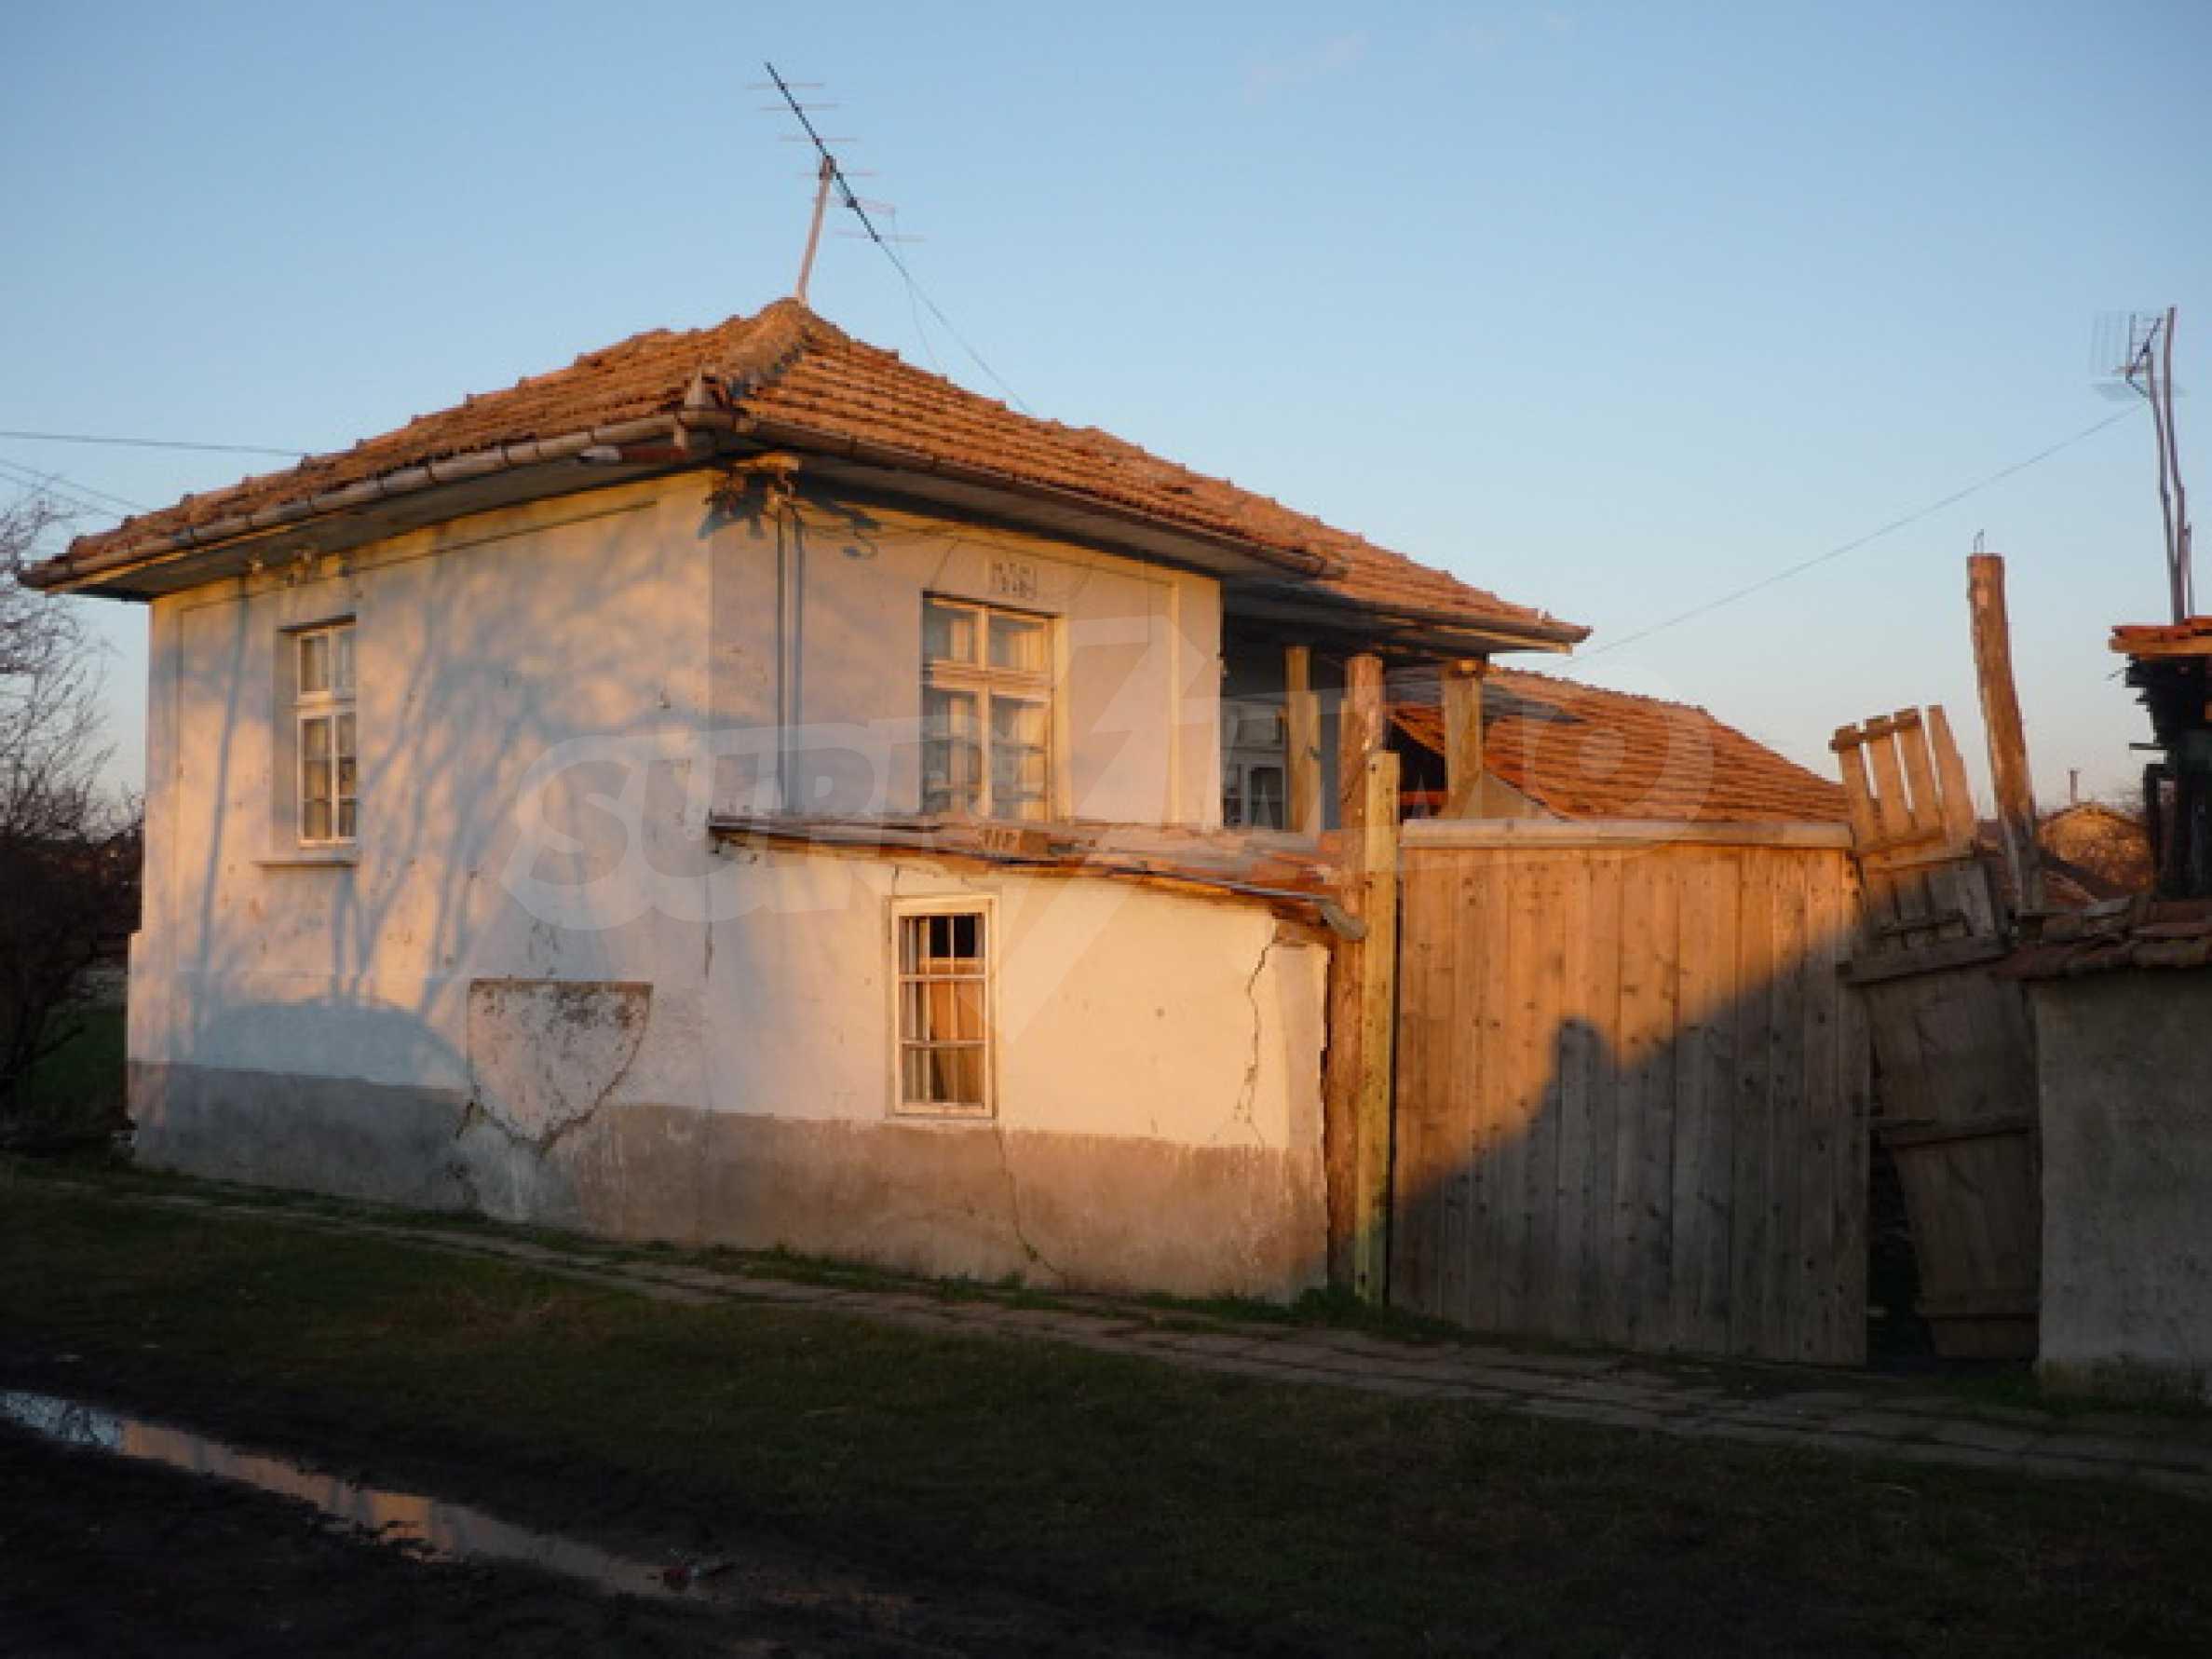 Zweistöckiges Haus zum Verkauf in einem Dorf 40 km von Veliko Tarnovo entfernt